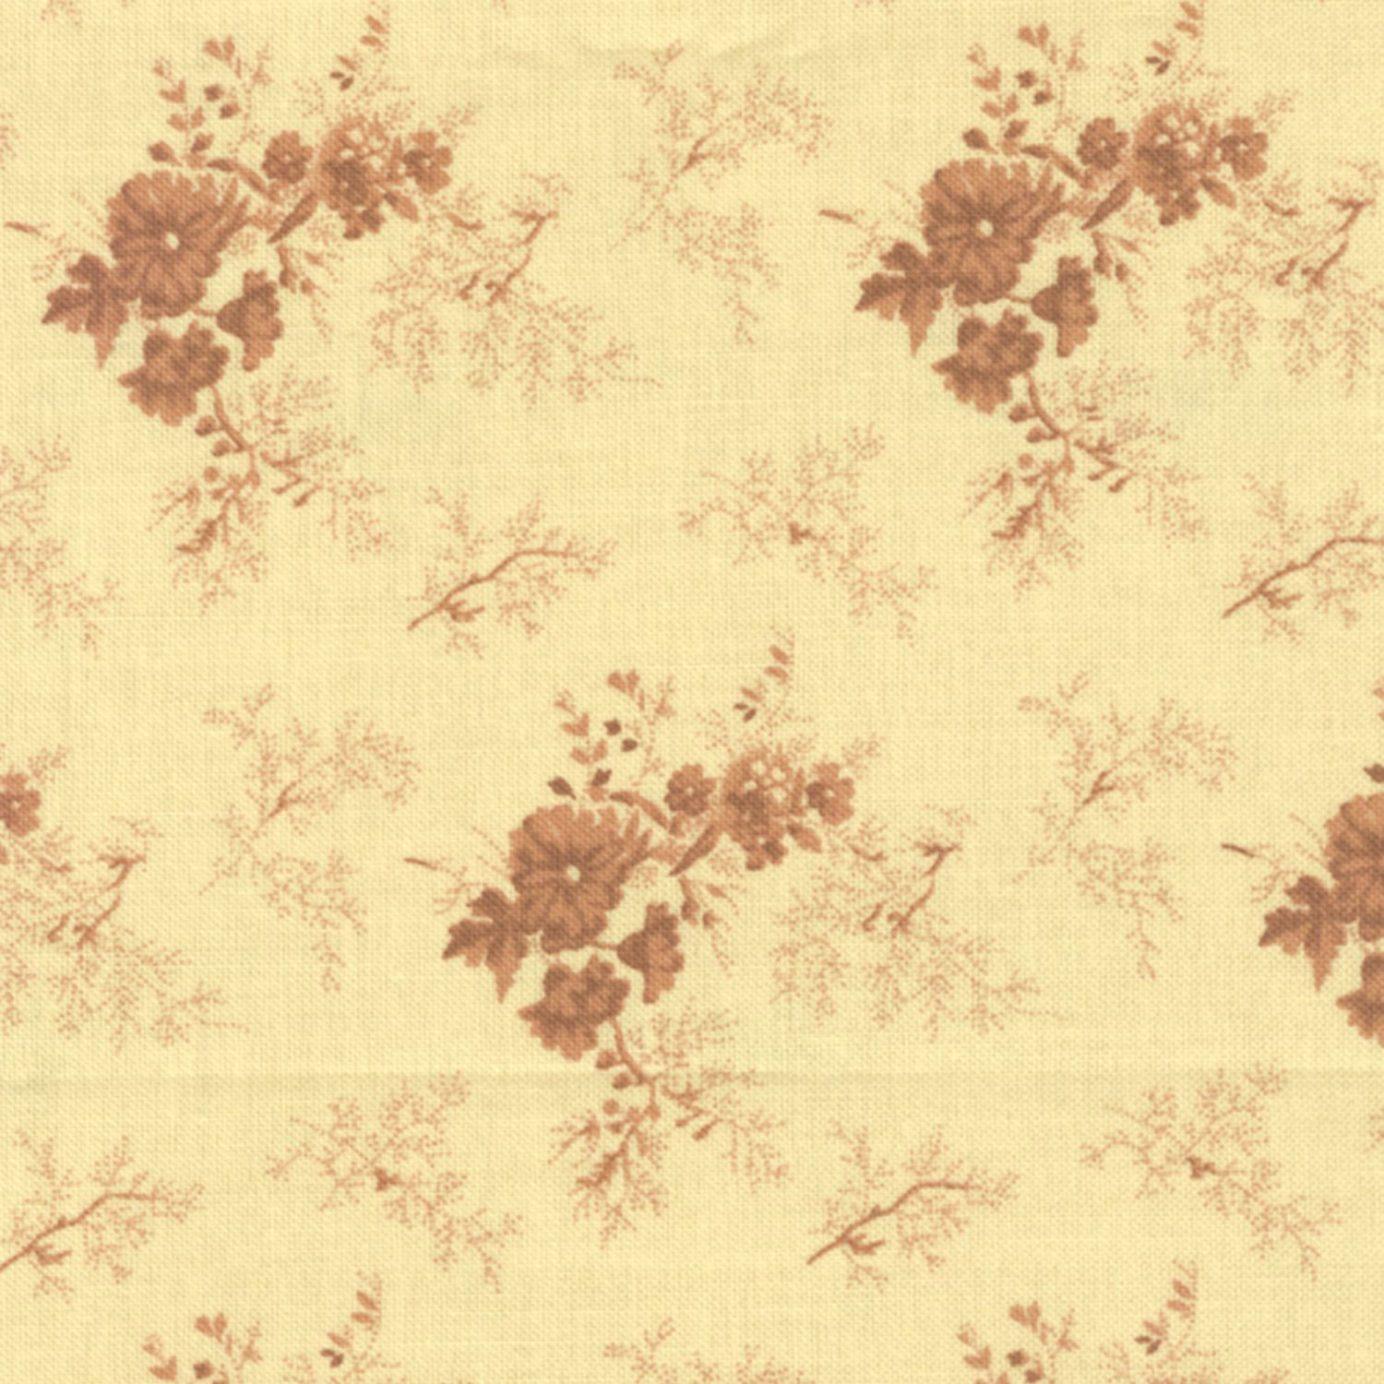 southern-vintage-svin-784-p